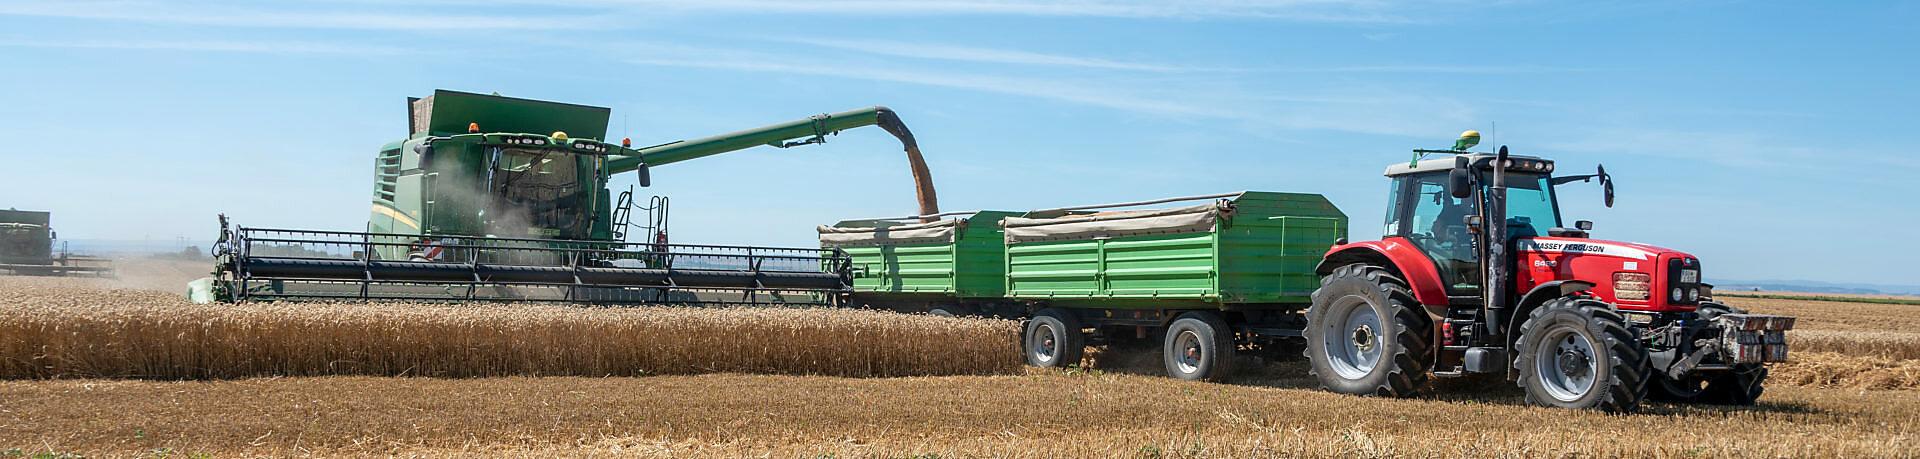 Mähdrescher und Traktor bei der Getreideernte